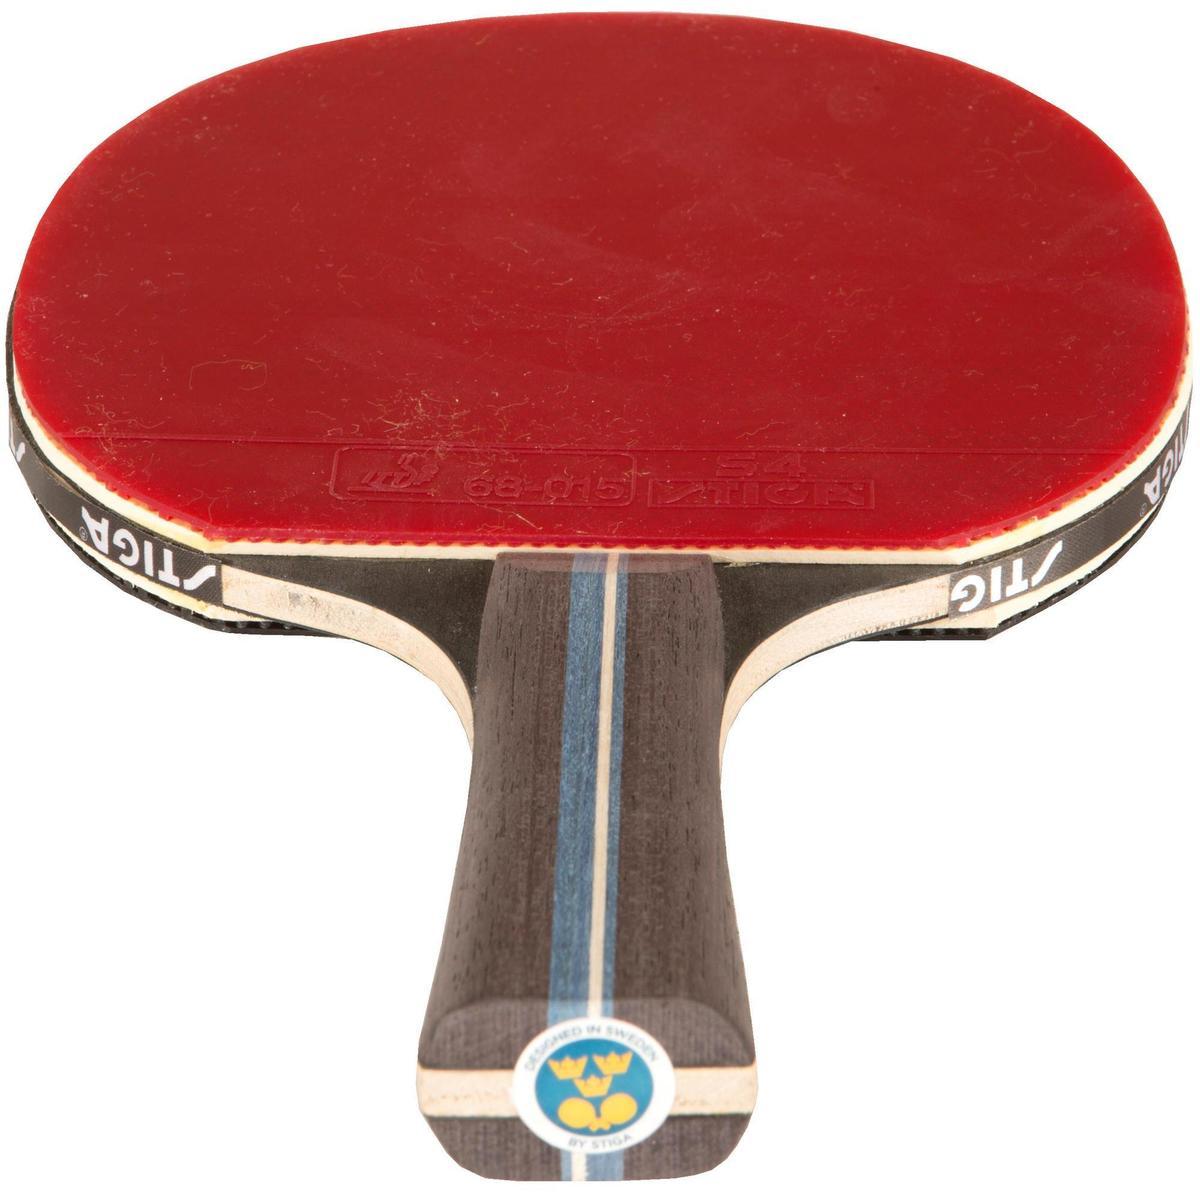 Bild 4 von Tischtennisschläger für Club und Schule Faktor 4*